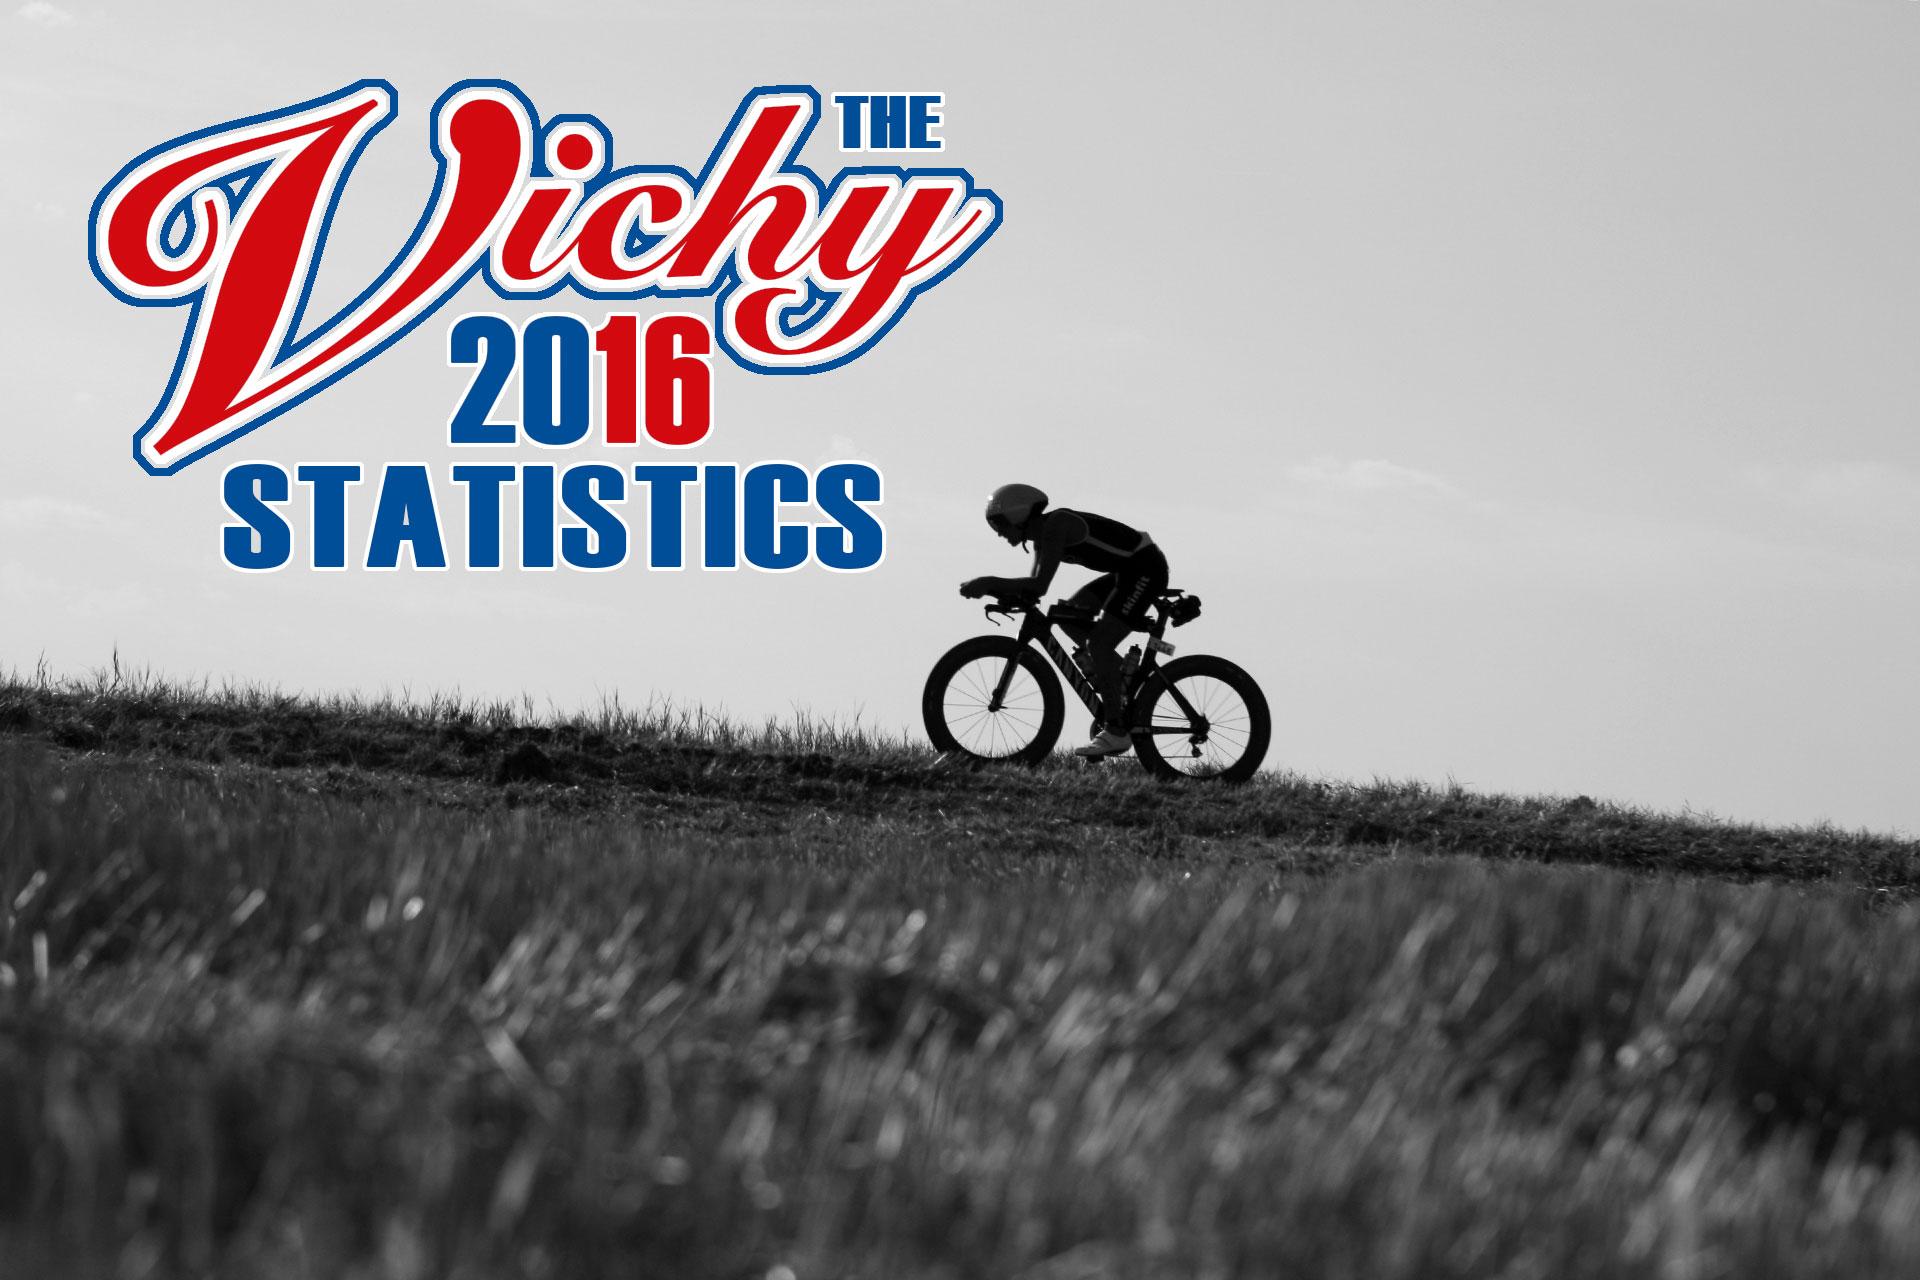 IRONMAN VICHY 2016 The Statistics: Scherenschitt – fast hundert Höhenmeter sind im letzten Drittel der Radrunde zu überwinden ©stefandrexl.de